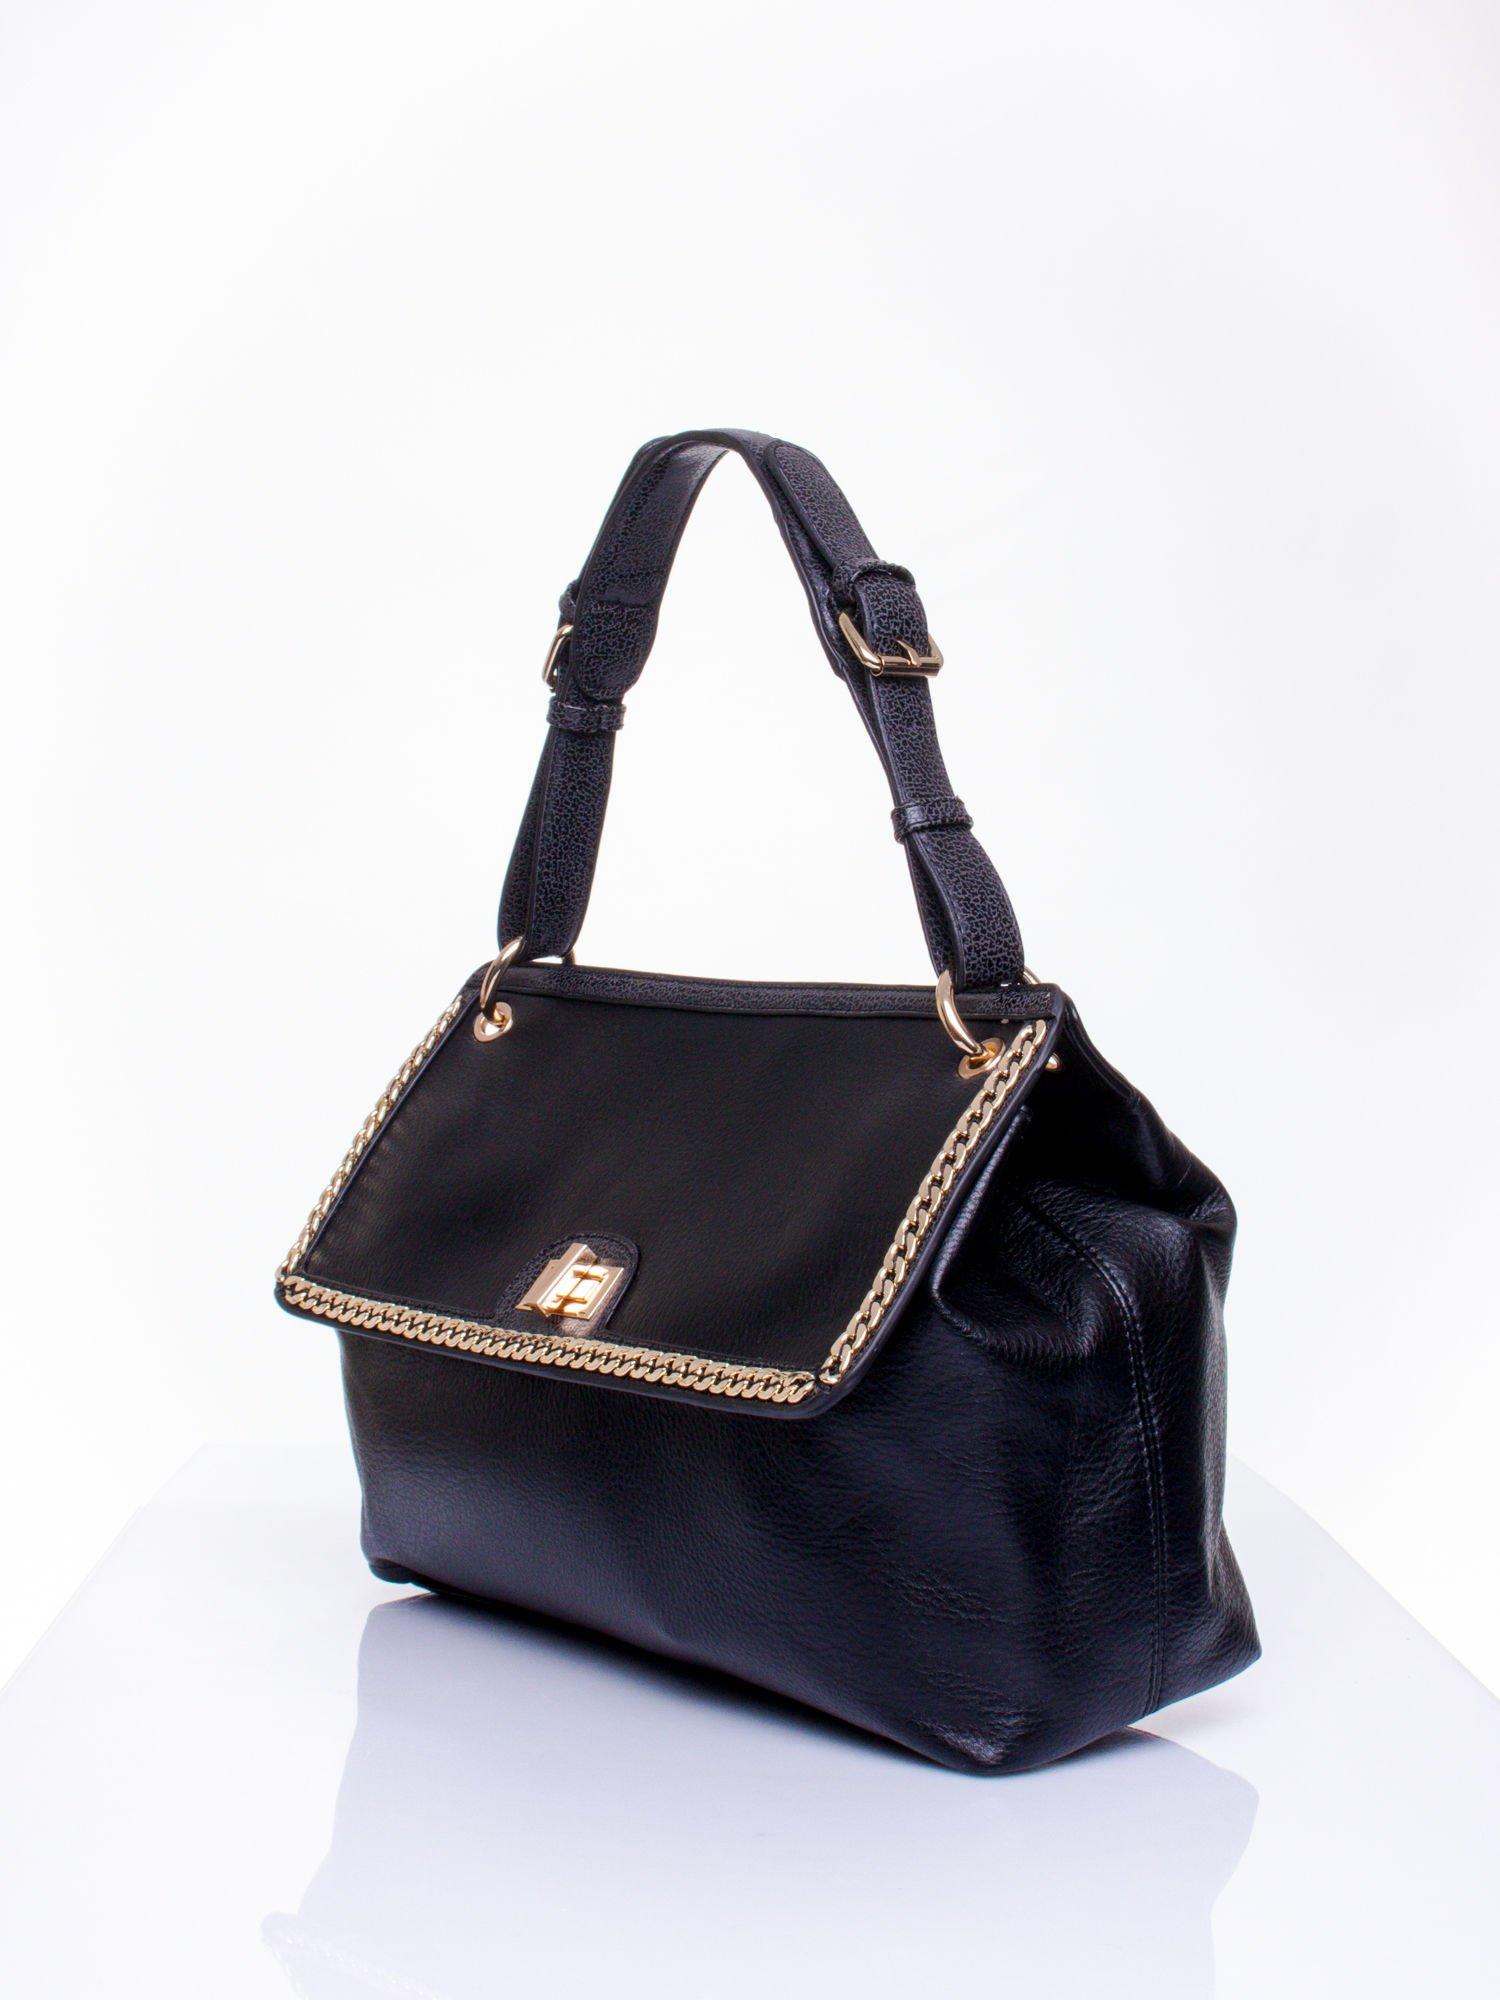 Czarna torebka kuferek ze złotym łańcuszkiem                                  zdj.                                  2